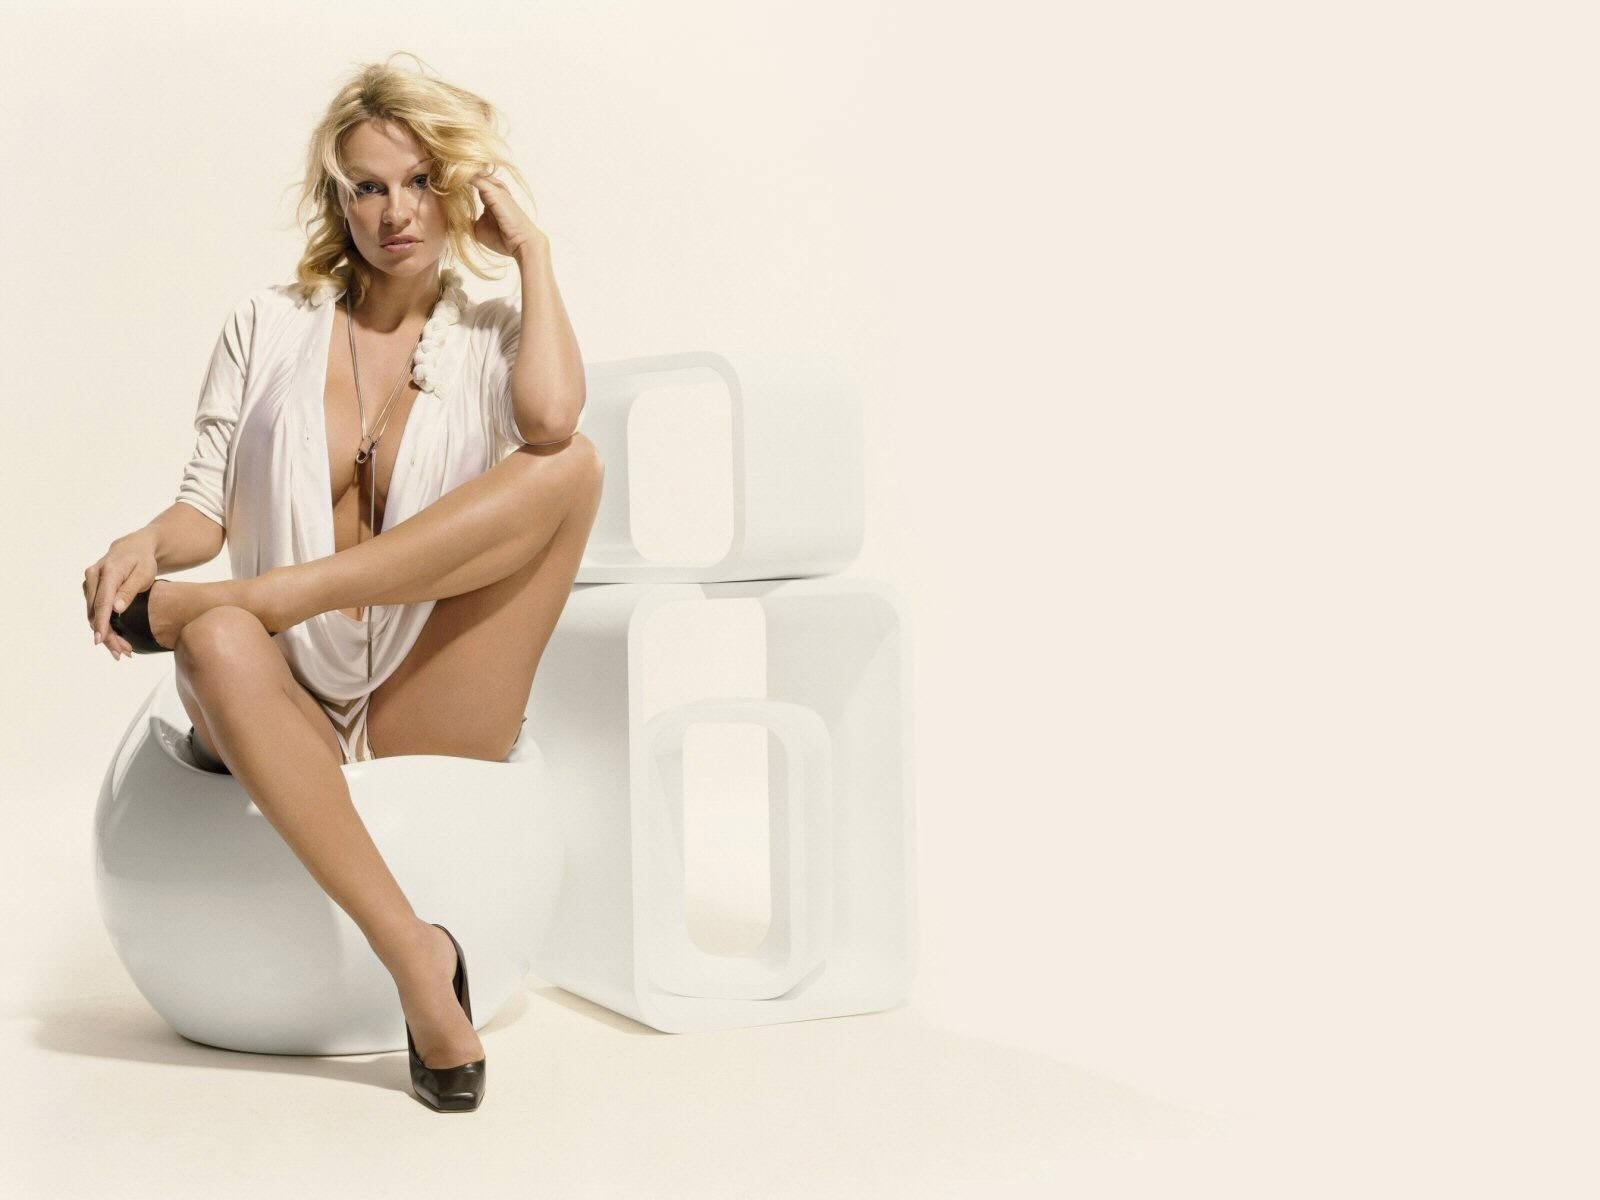 Wallpaper di Pamela Anderson con le gambe accavallate